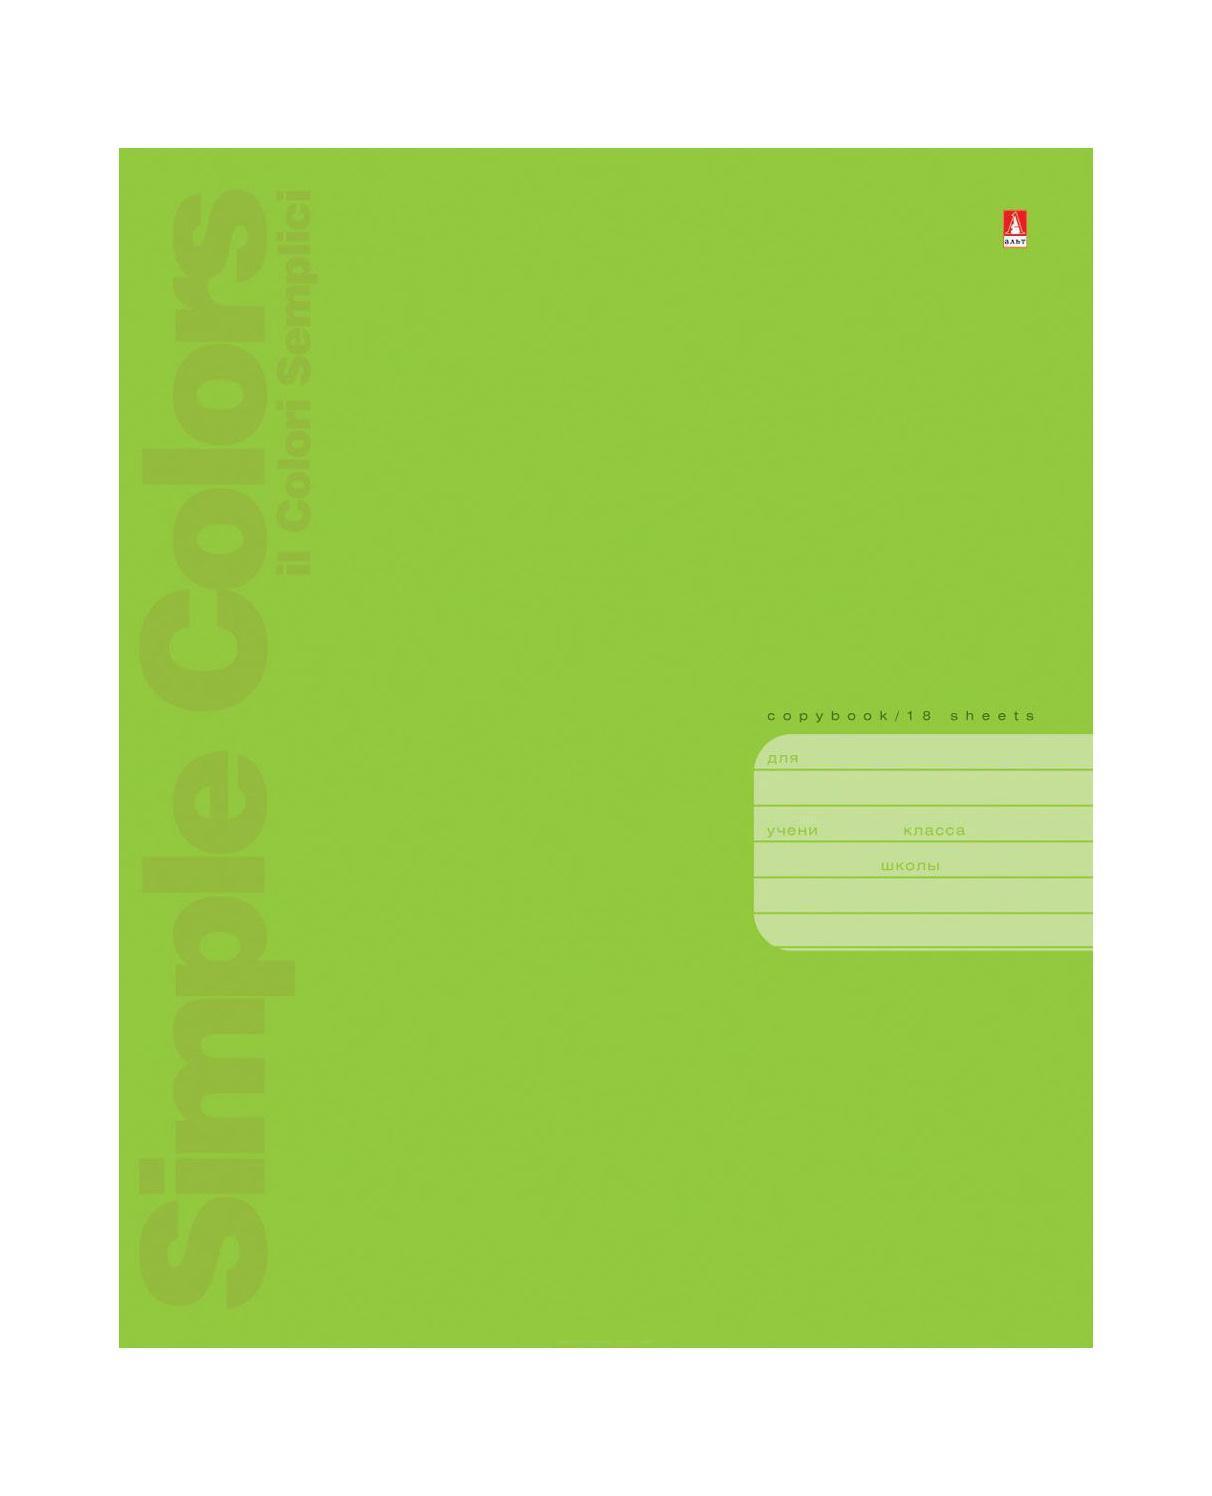 Набор тетрадей АльтSimple Colors, 18 листов, 10 штM-950560-2Набор тетрадей Альт Простые цвета отличается универсальностью и подходит школьникам вне зависимости от пола и возраста. Тетради из этой серии выпускаются в четырех цветах обложки. Для них использован дизайнерский картон 170 грамм. Печать, произведенная красками из модели Pantone, позволила добиться интенсивных, максимально насыщенных тонов. Текстовая информация выделена с помощью выборочного УФ-лака. Данные ученика вносятся в выделенное поле. Блоки на скрепках состоят из 18 листов, а высококачественная белая бумага подходит для любых чернил. Линовка отличается четкостью, совпадает с обеих сторон листа. Поля отмечены красным цветом.